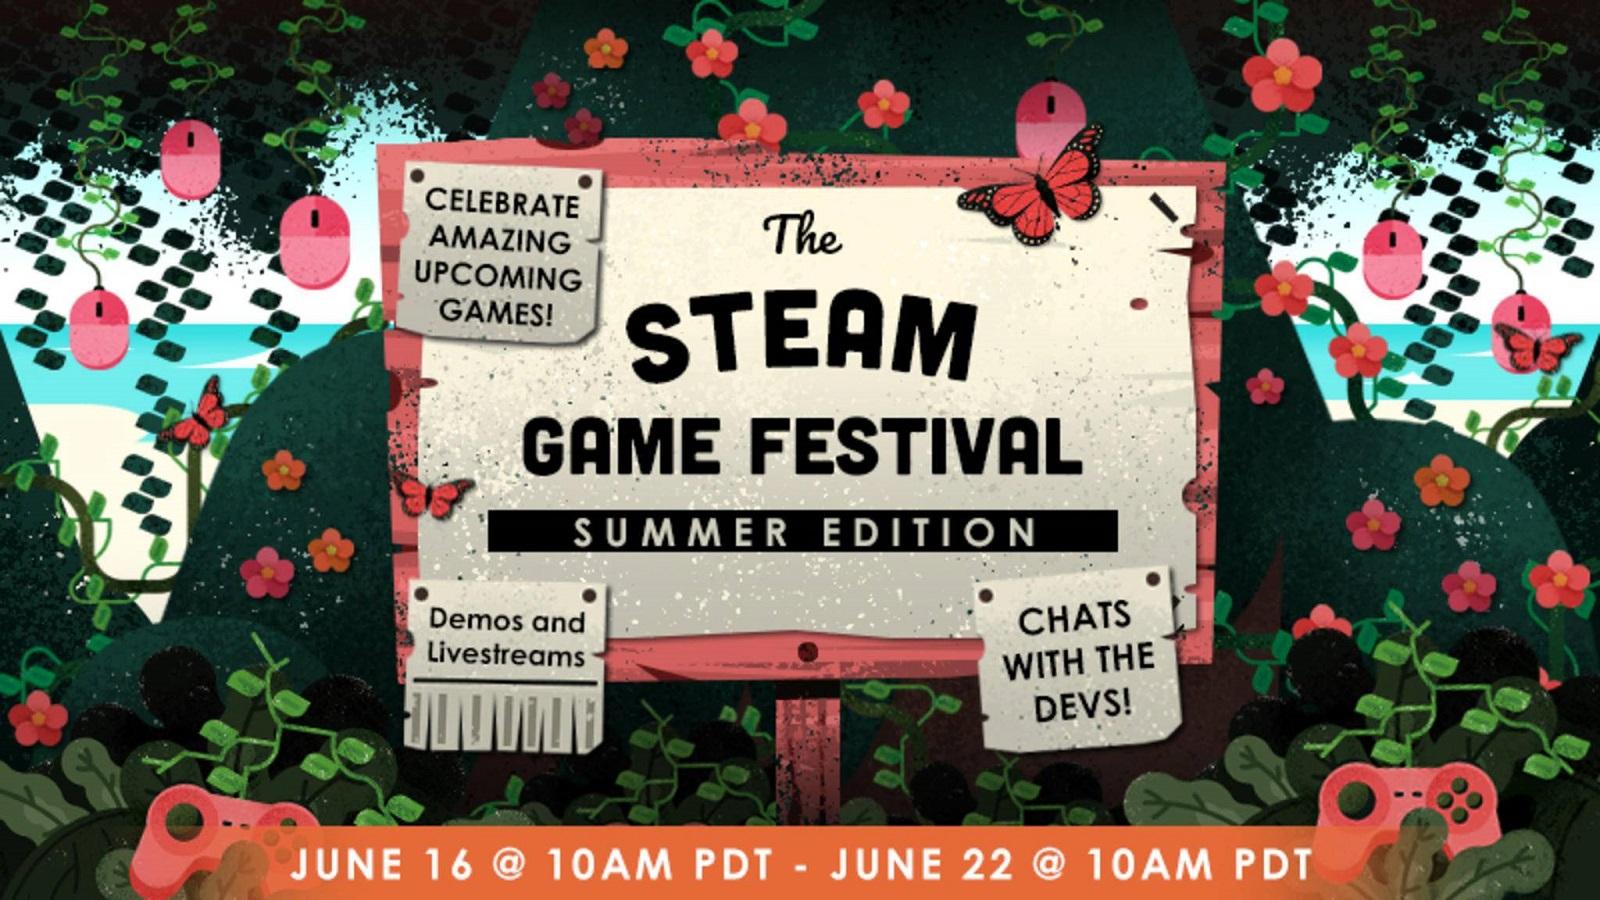 Valve уже определила сроки следующего «Фестиваля игр Steam» — он пройдёт с 16 по 22 июня